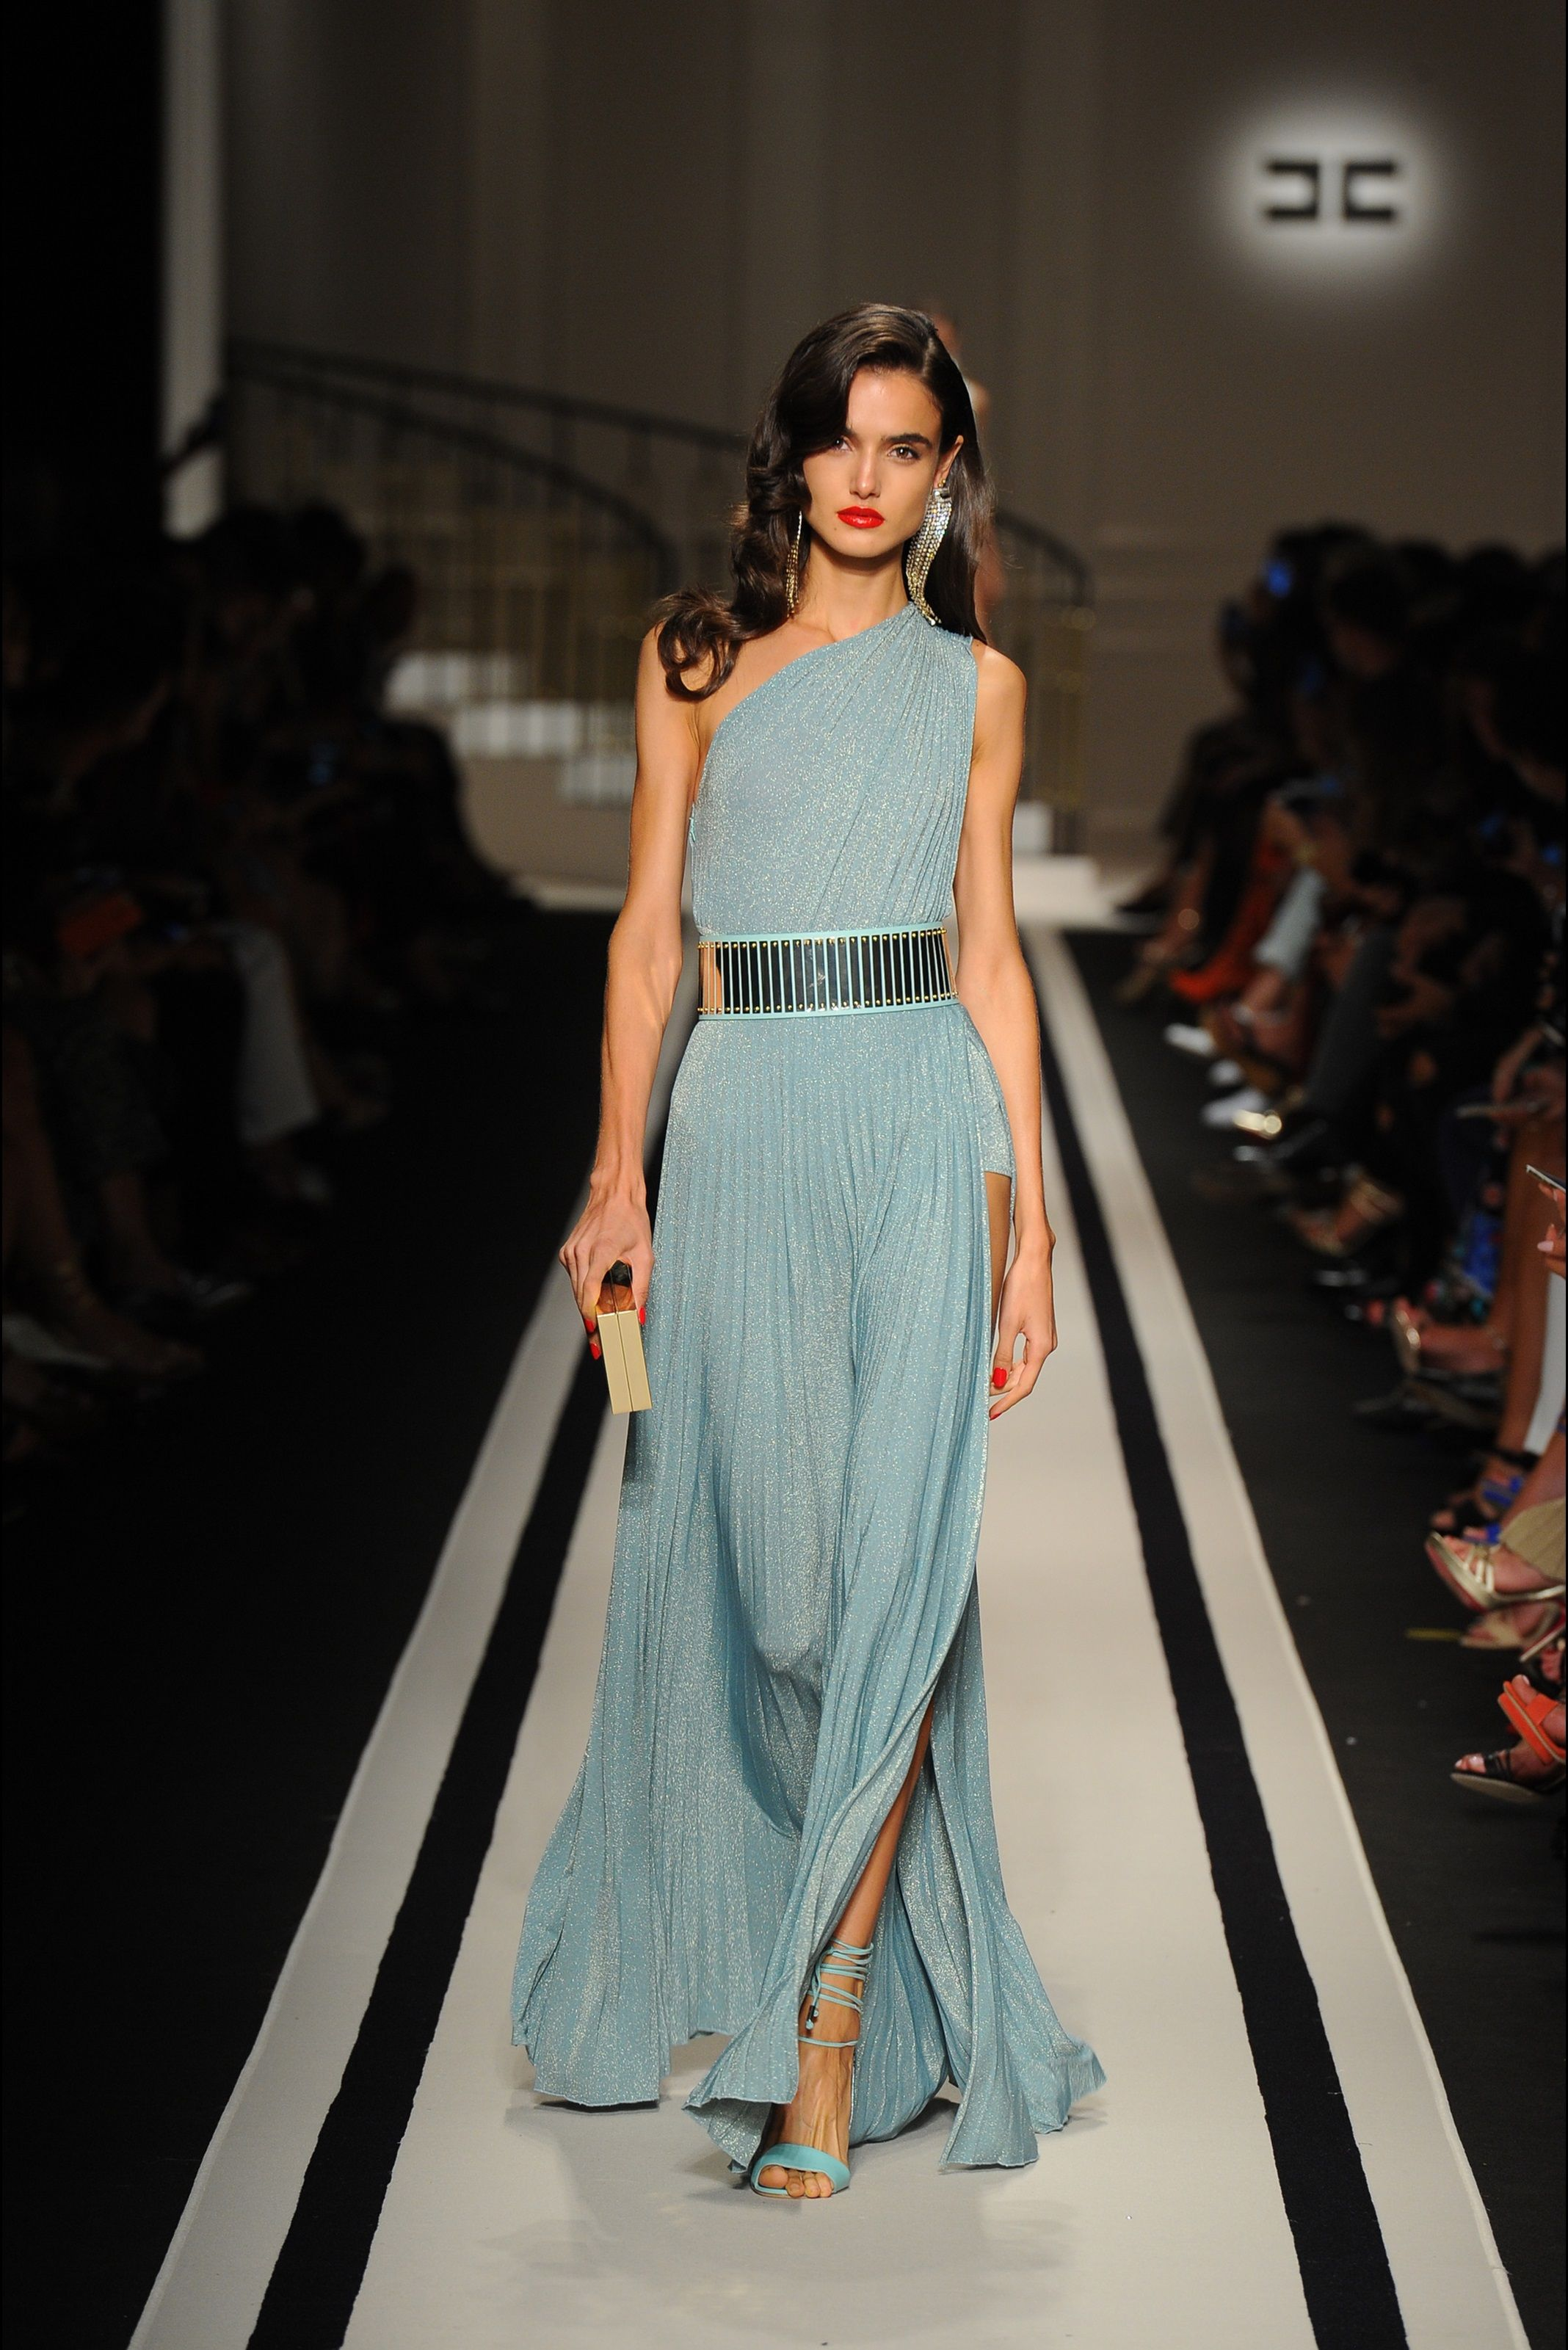 Guarda la sfilata di moda Elisabetta Franchi a Milano e scopri la  collezione di abiti e accessori per la stagione Collezioni Primavera Estate  2017. d98d1b266bf